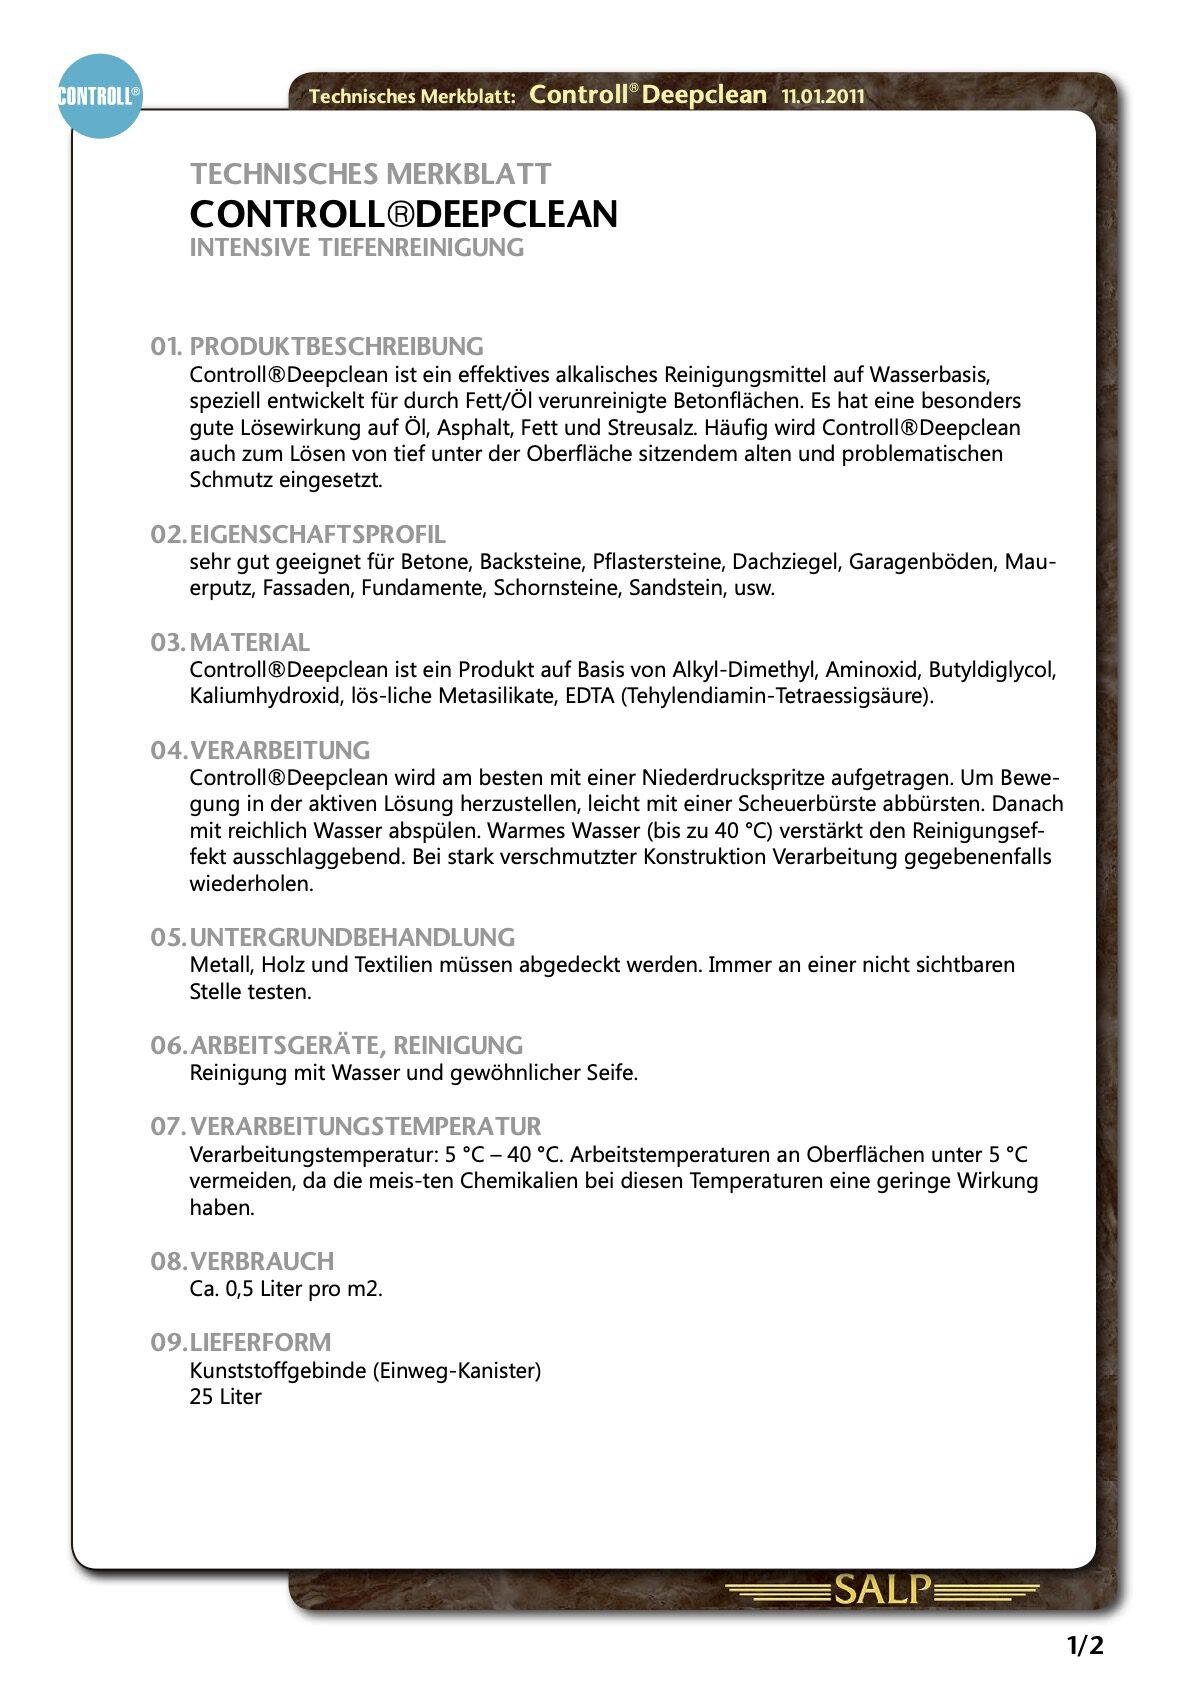 technisches datenblatt merkblatt controll deepclean partner SALP Construction Deutschland